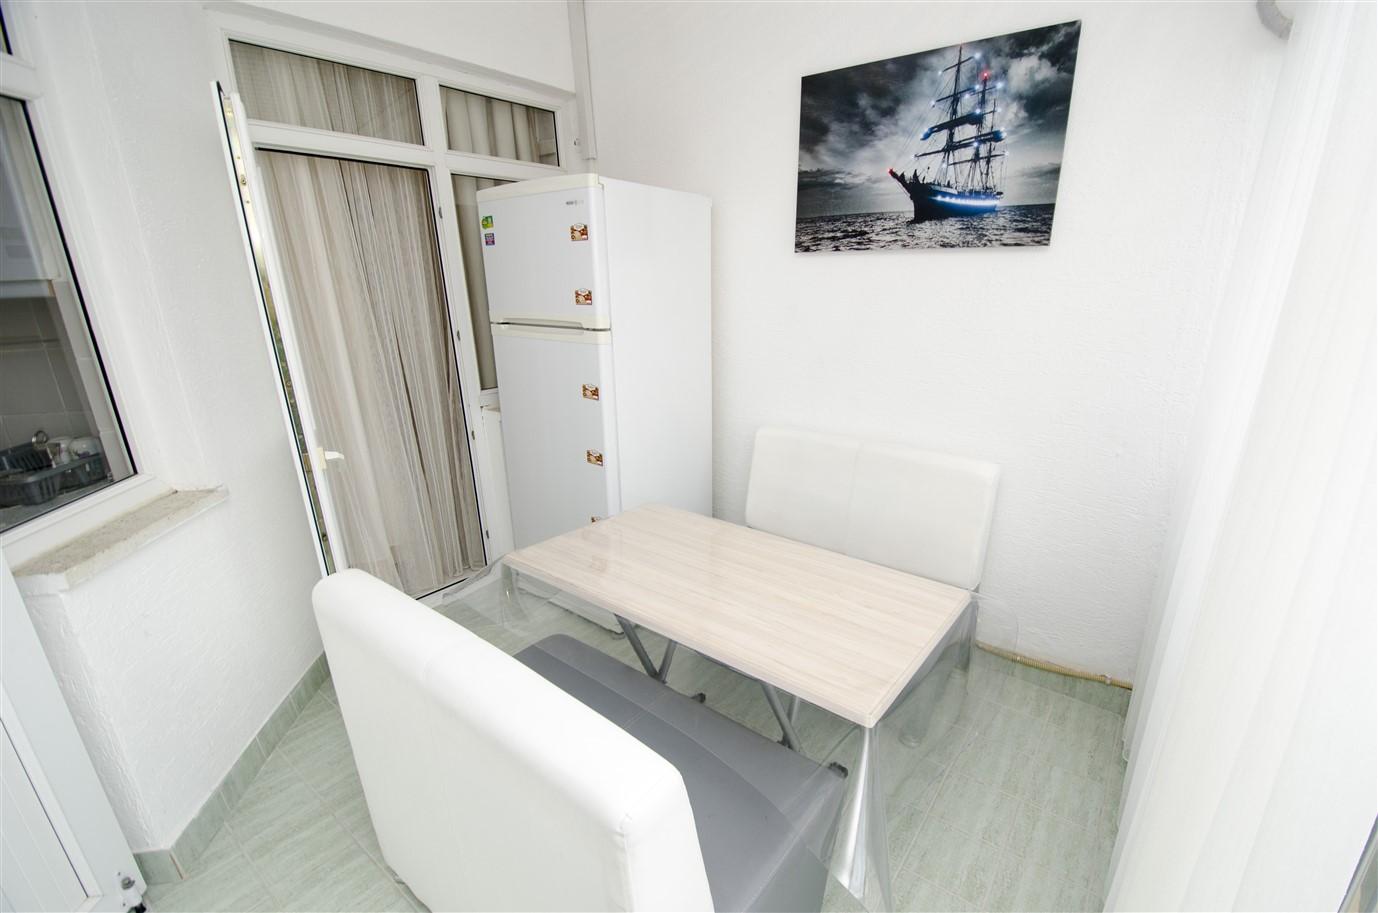 Квартира 1+1 с мебелью в районе Лиман Коньяалты Анталия - Фото 10